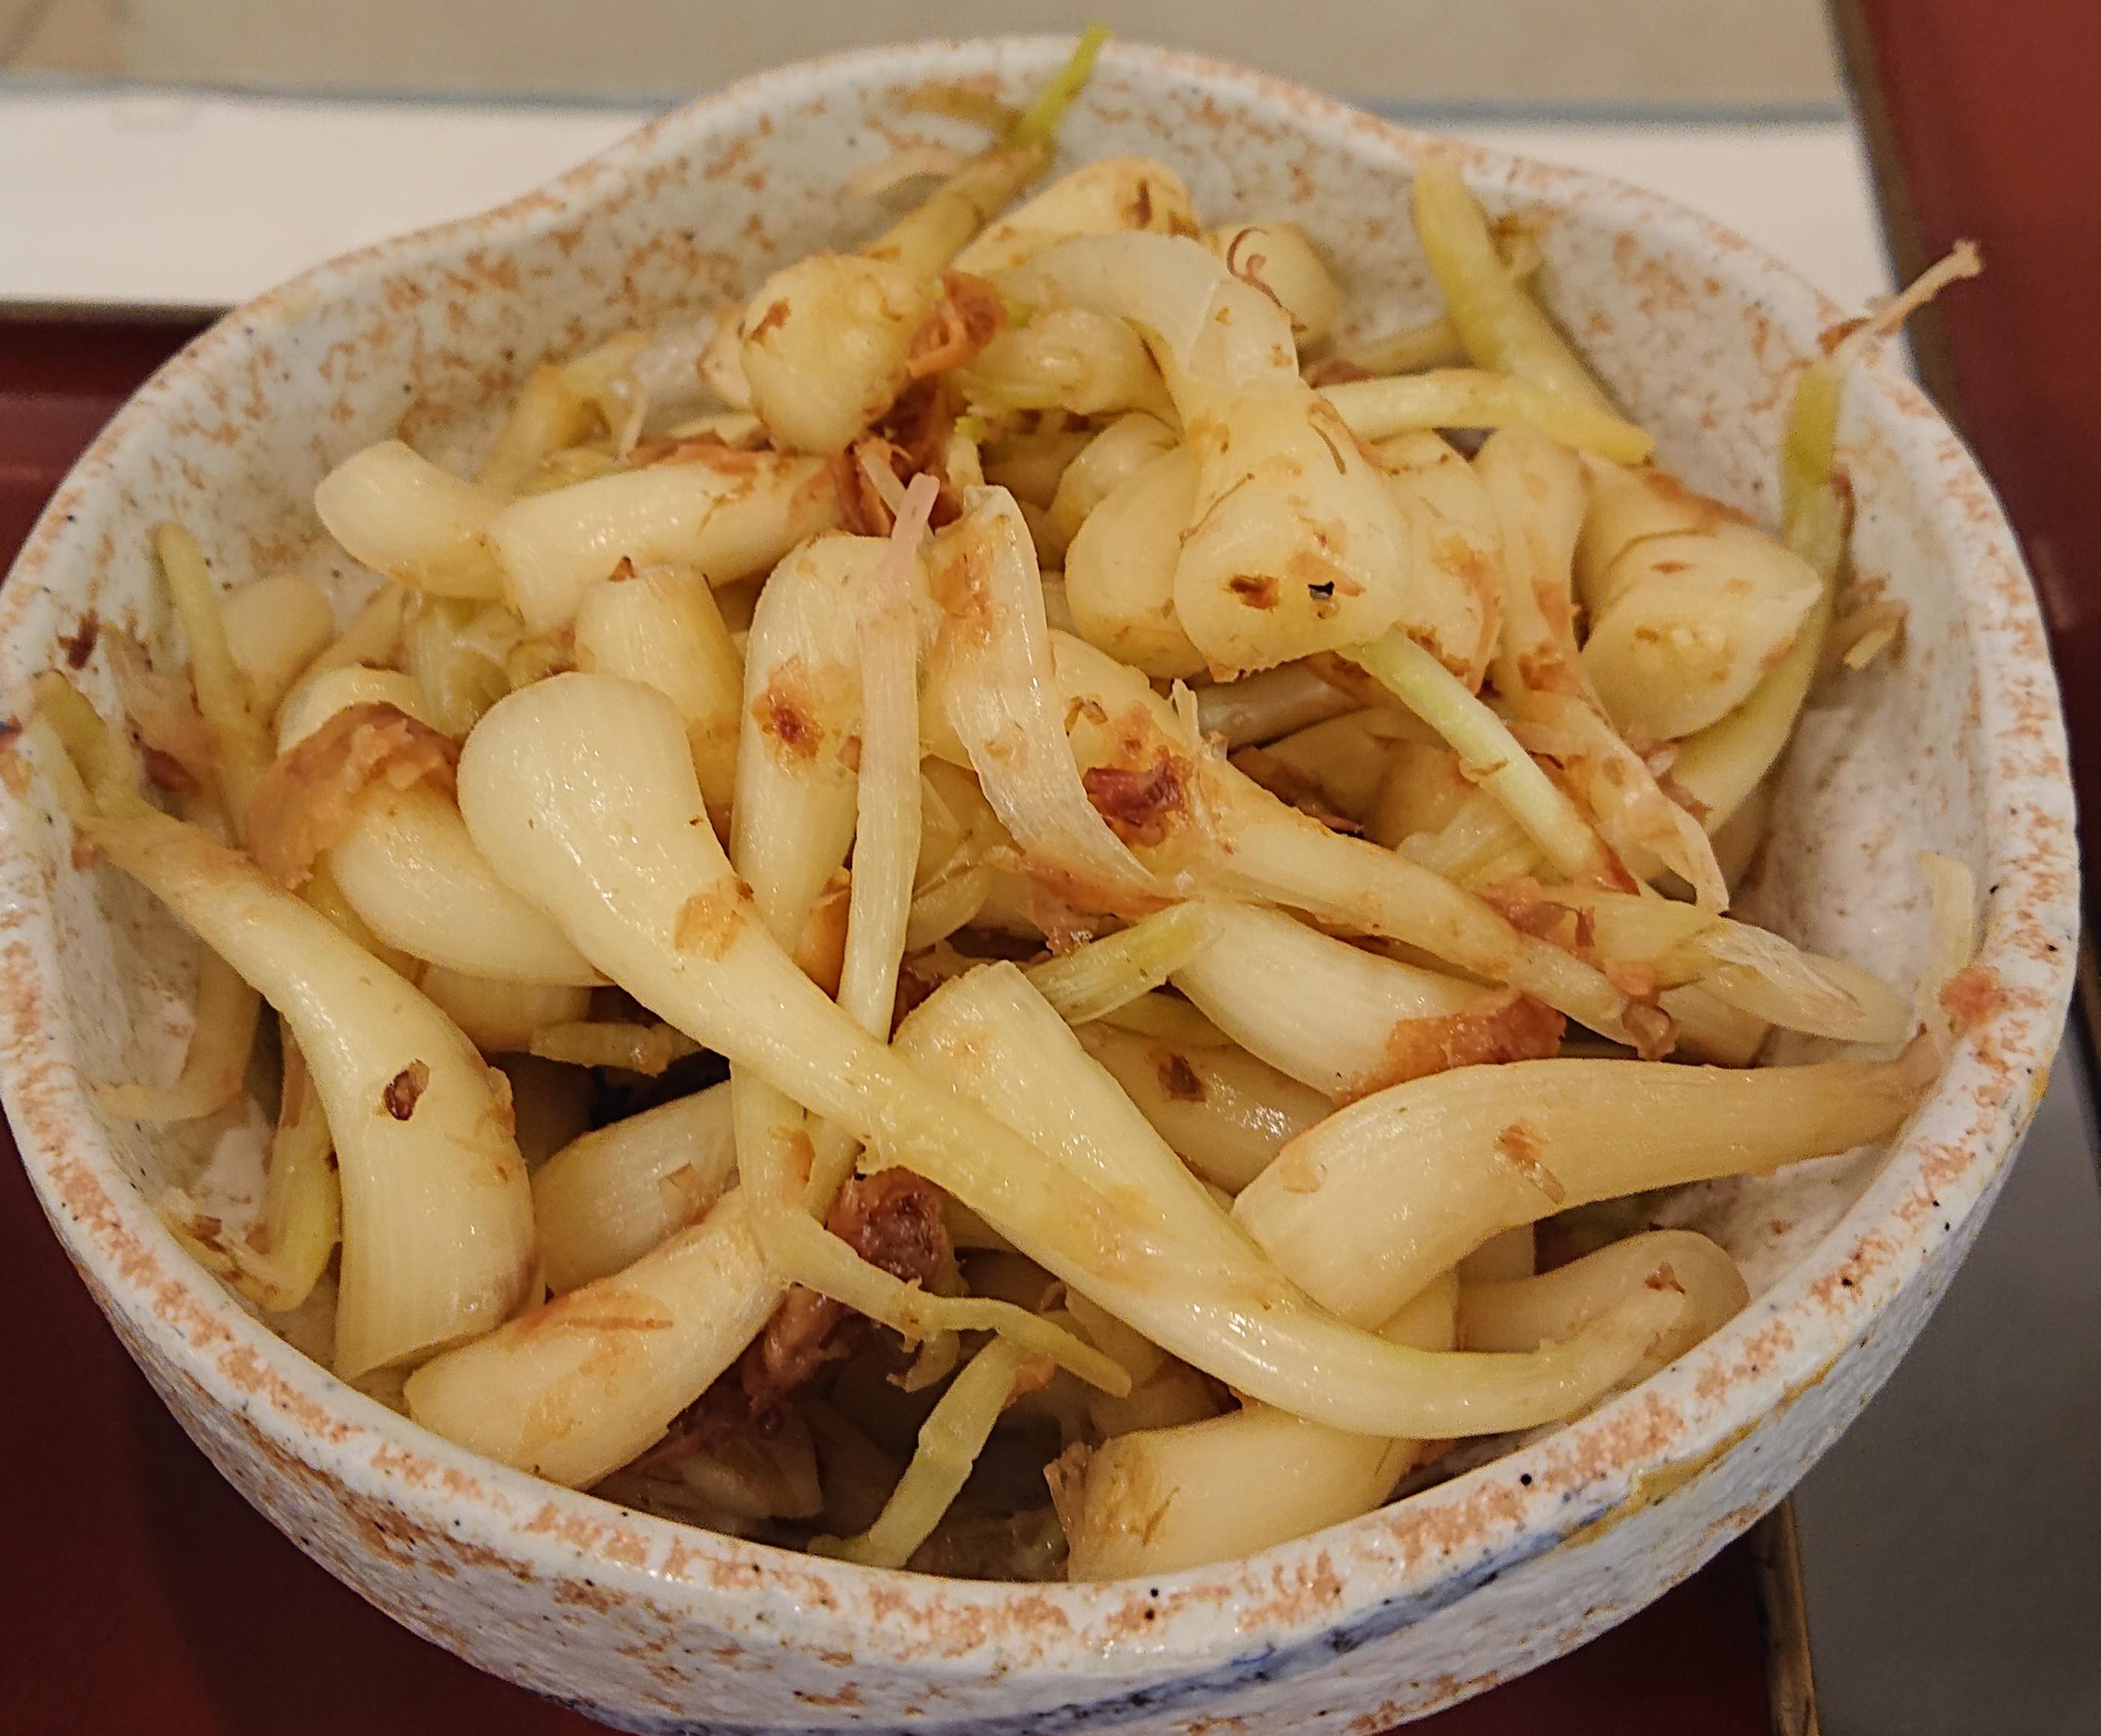 島らっきょう(朝食)、ランチ松花堂(予約制)